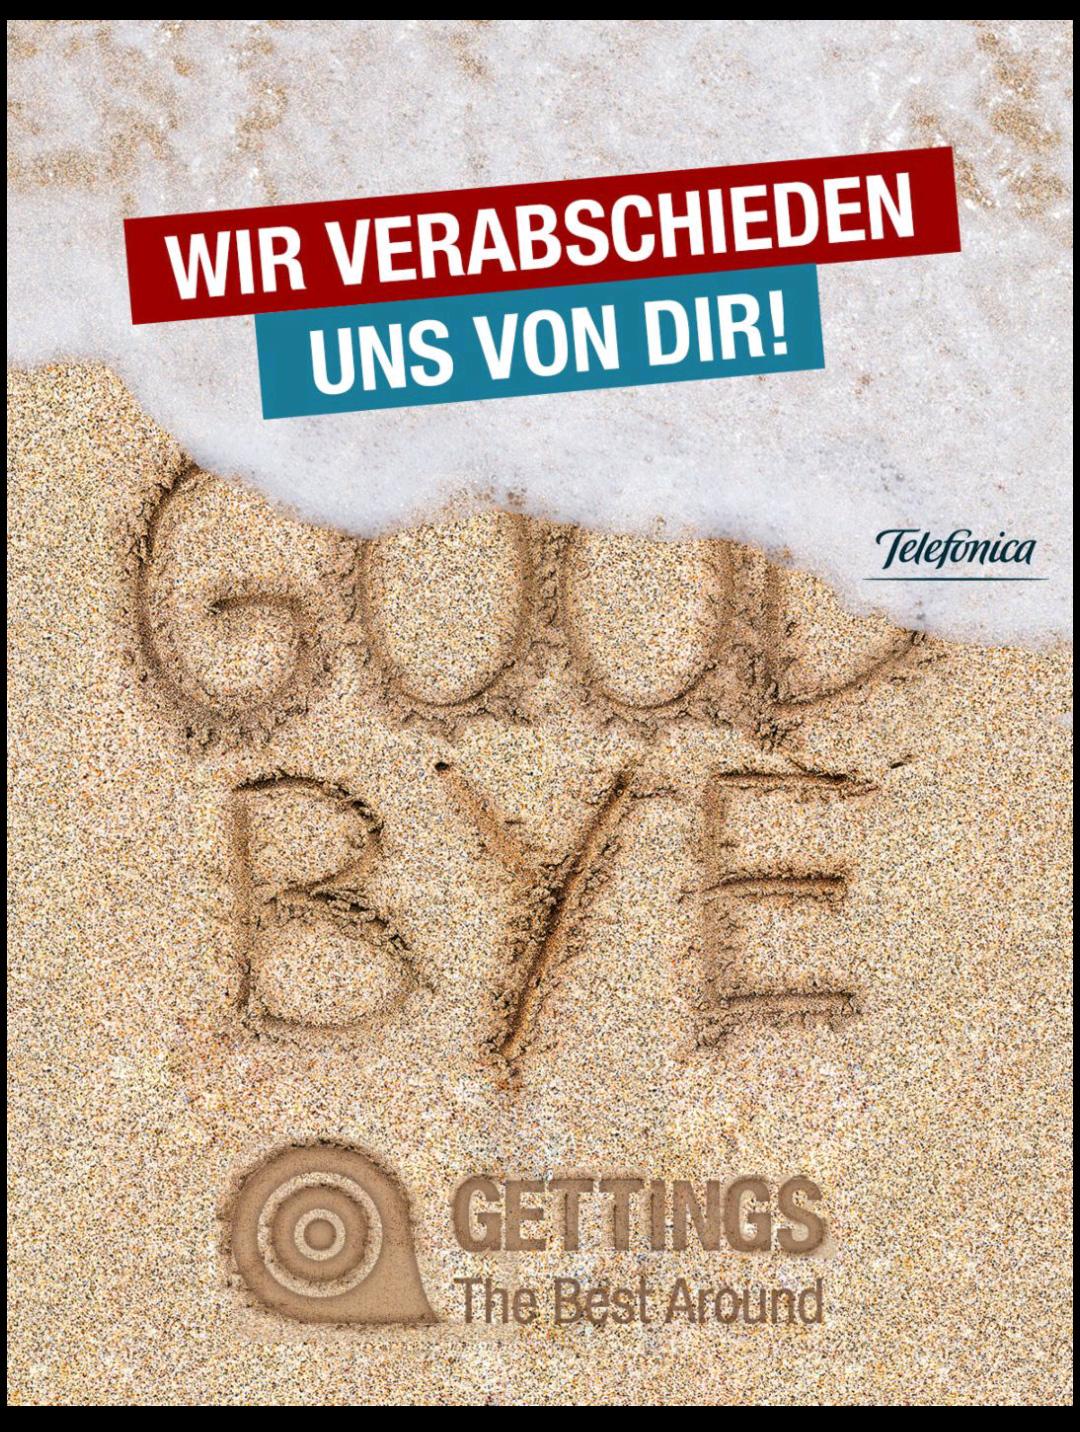 Gettings-wird-eingestellt